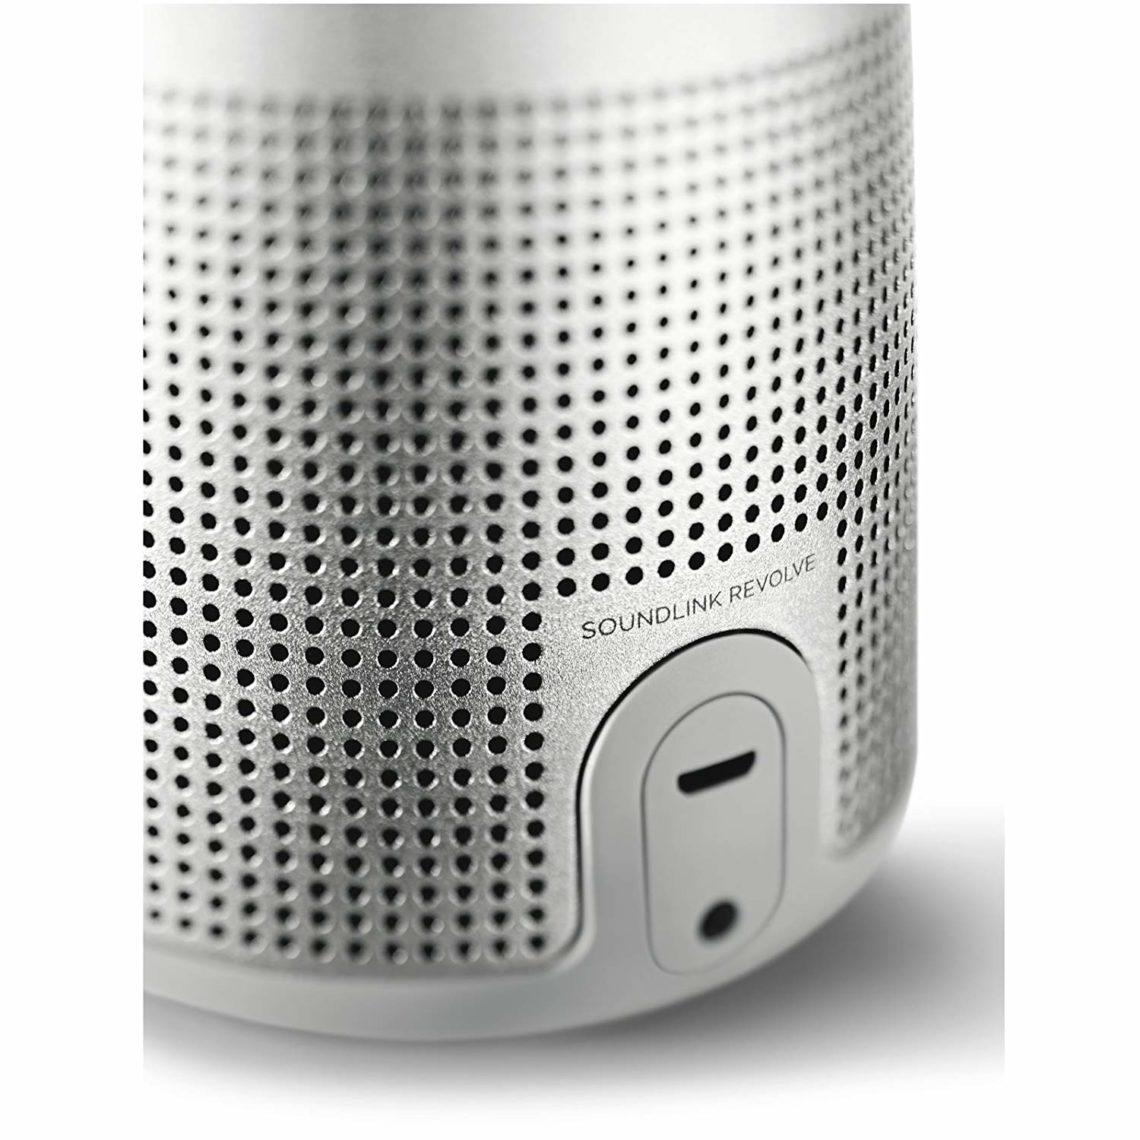 Bose SoundLink Revolve Enceinte Haut-parleur Bluetooth prise jack et charge usb c